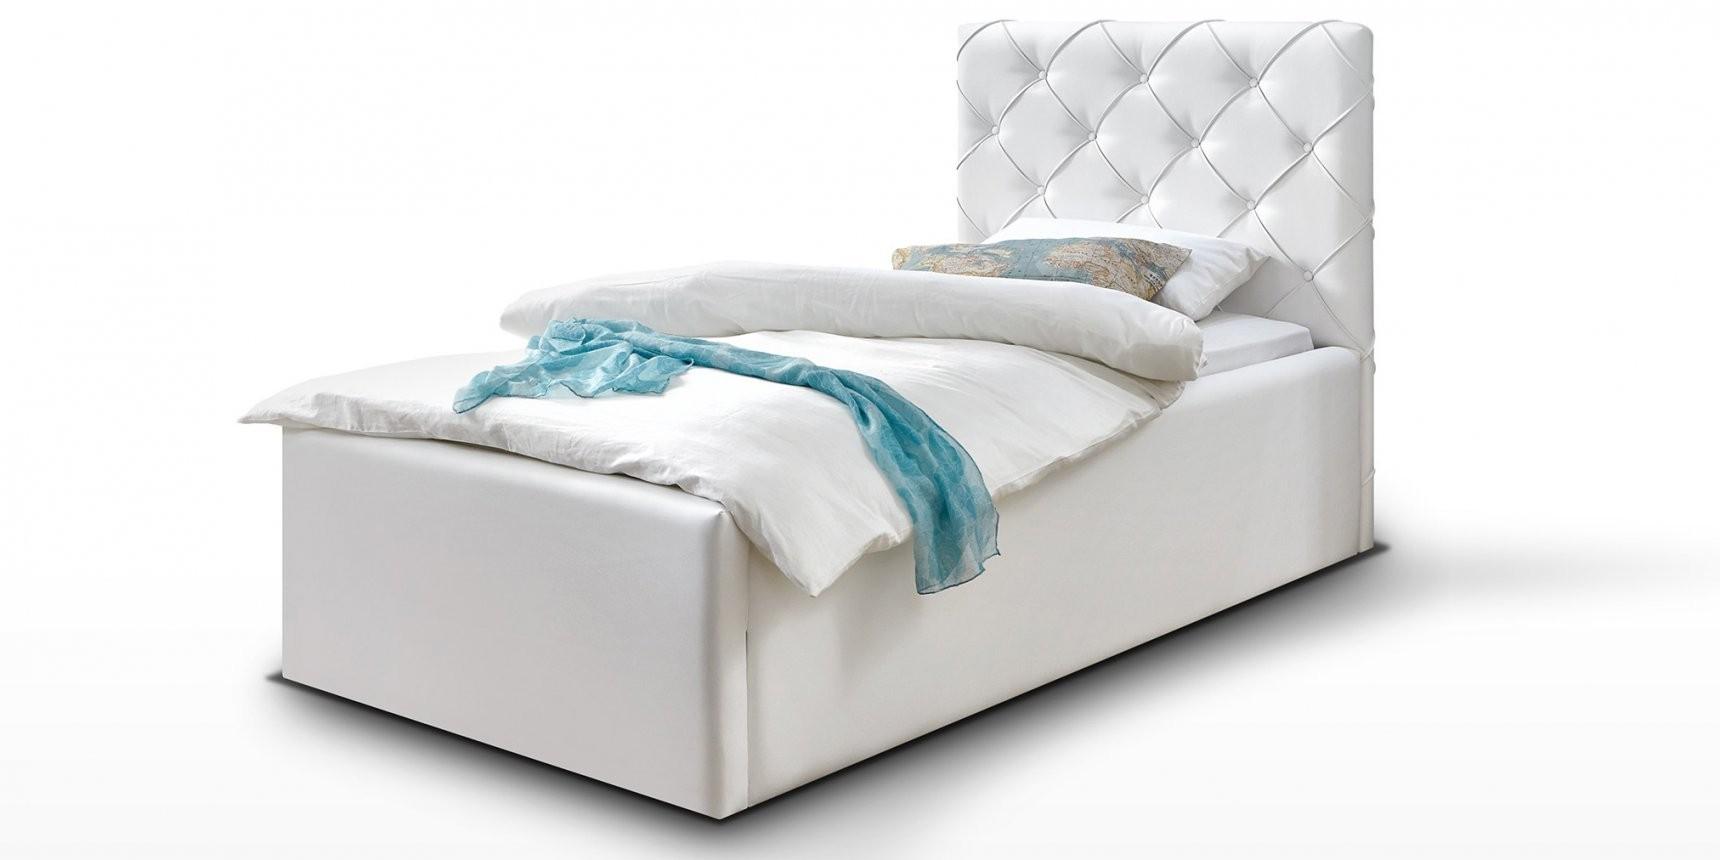 90X200 Bett Herrlich Polsterbett Bett Mit Bettkasten Weiß Nelly von Polsterbett 90X200 Mit Bettkasten Photo